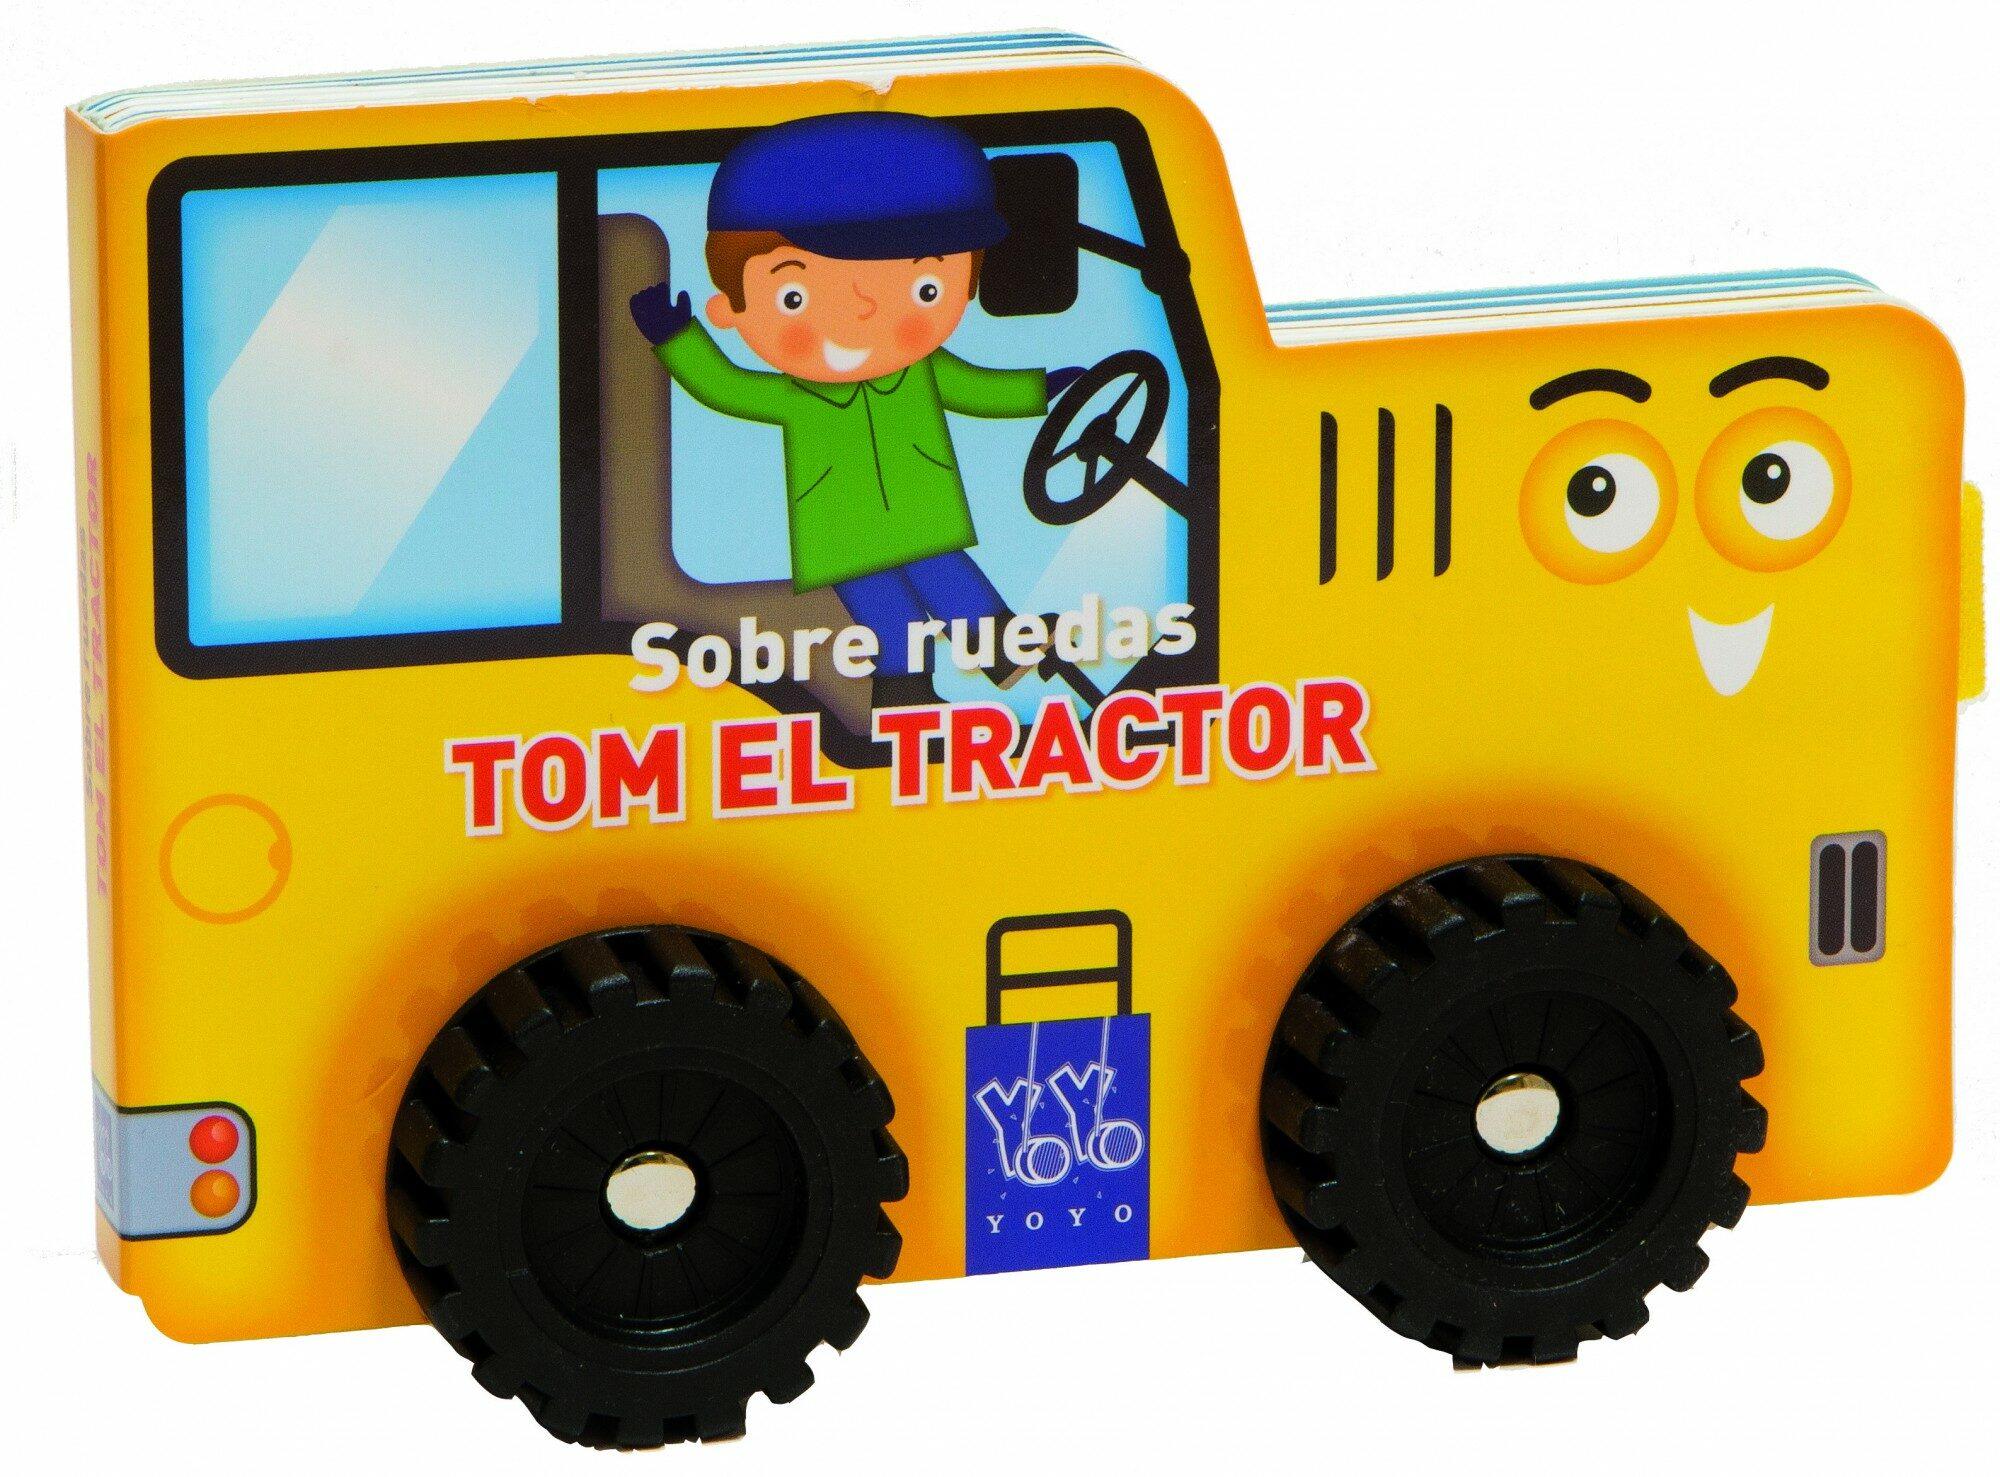 TOM EL TRACTOR (SOBRE RUEDAS)   VV.AA.   Comprar libro 9788408124108